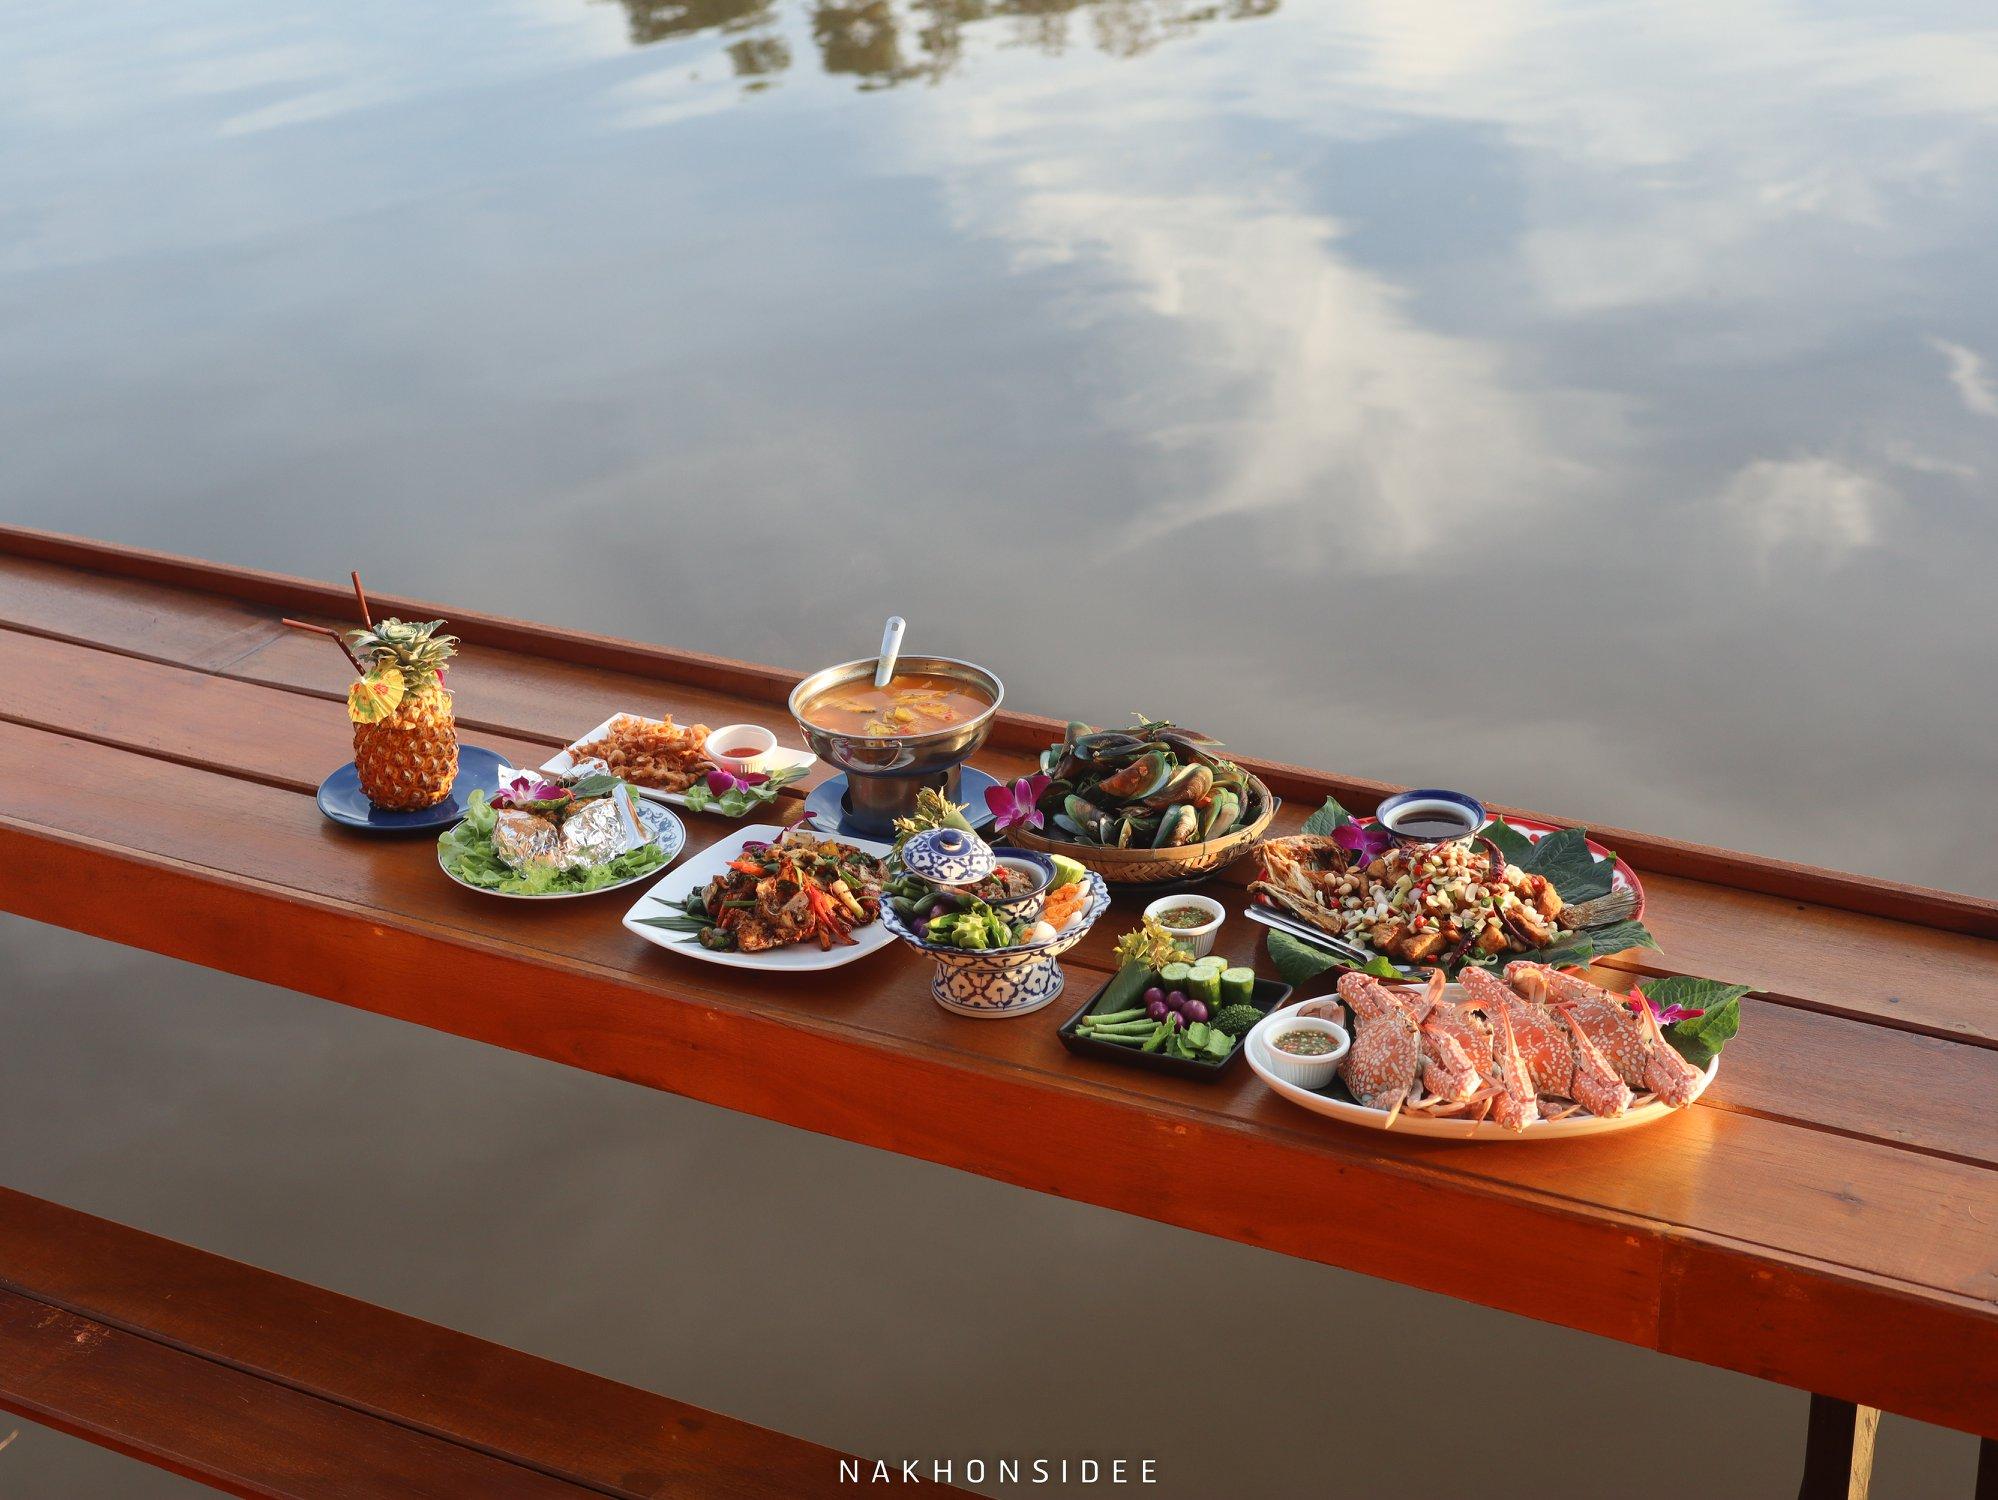 บอกเลยอาหารสดมากกก-ปูเนื้อแน่น-10/10-น้ำจิ้ม-น้ำพริก-เด็ดหมดด-ห่อหมกก-แกงส้ม-ต้มยำ ท่าศาลา,ครัวปากพยิง,นครศรี,ของกิน,อร่อยเด็ด,นครศรีธรรมราช,ร้านอาหาร